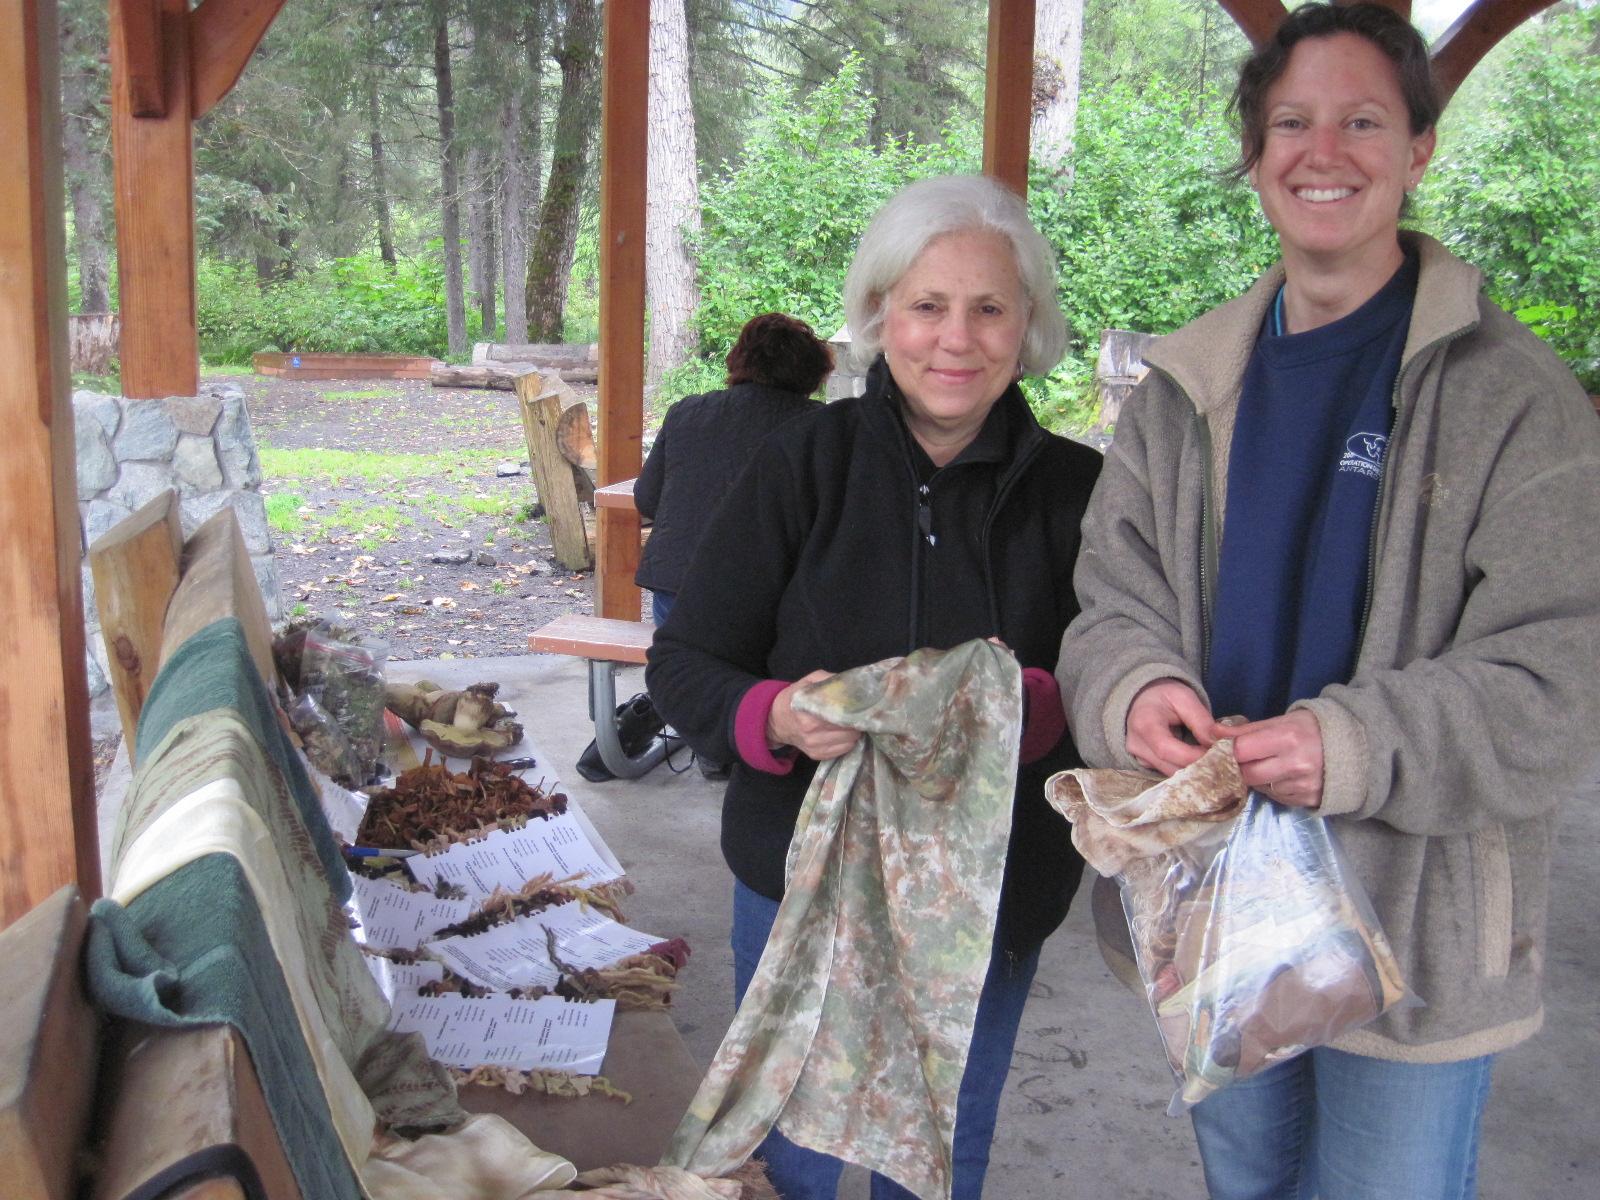 Dye Workshop participants